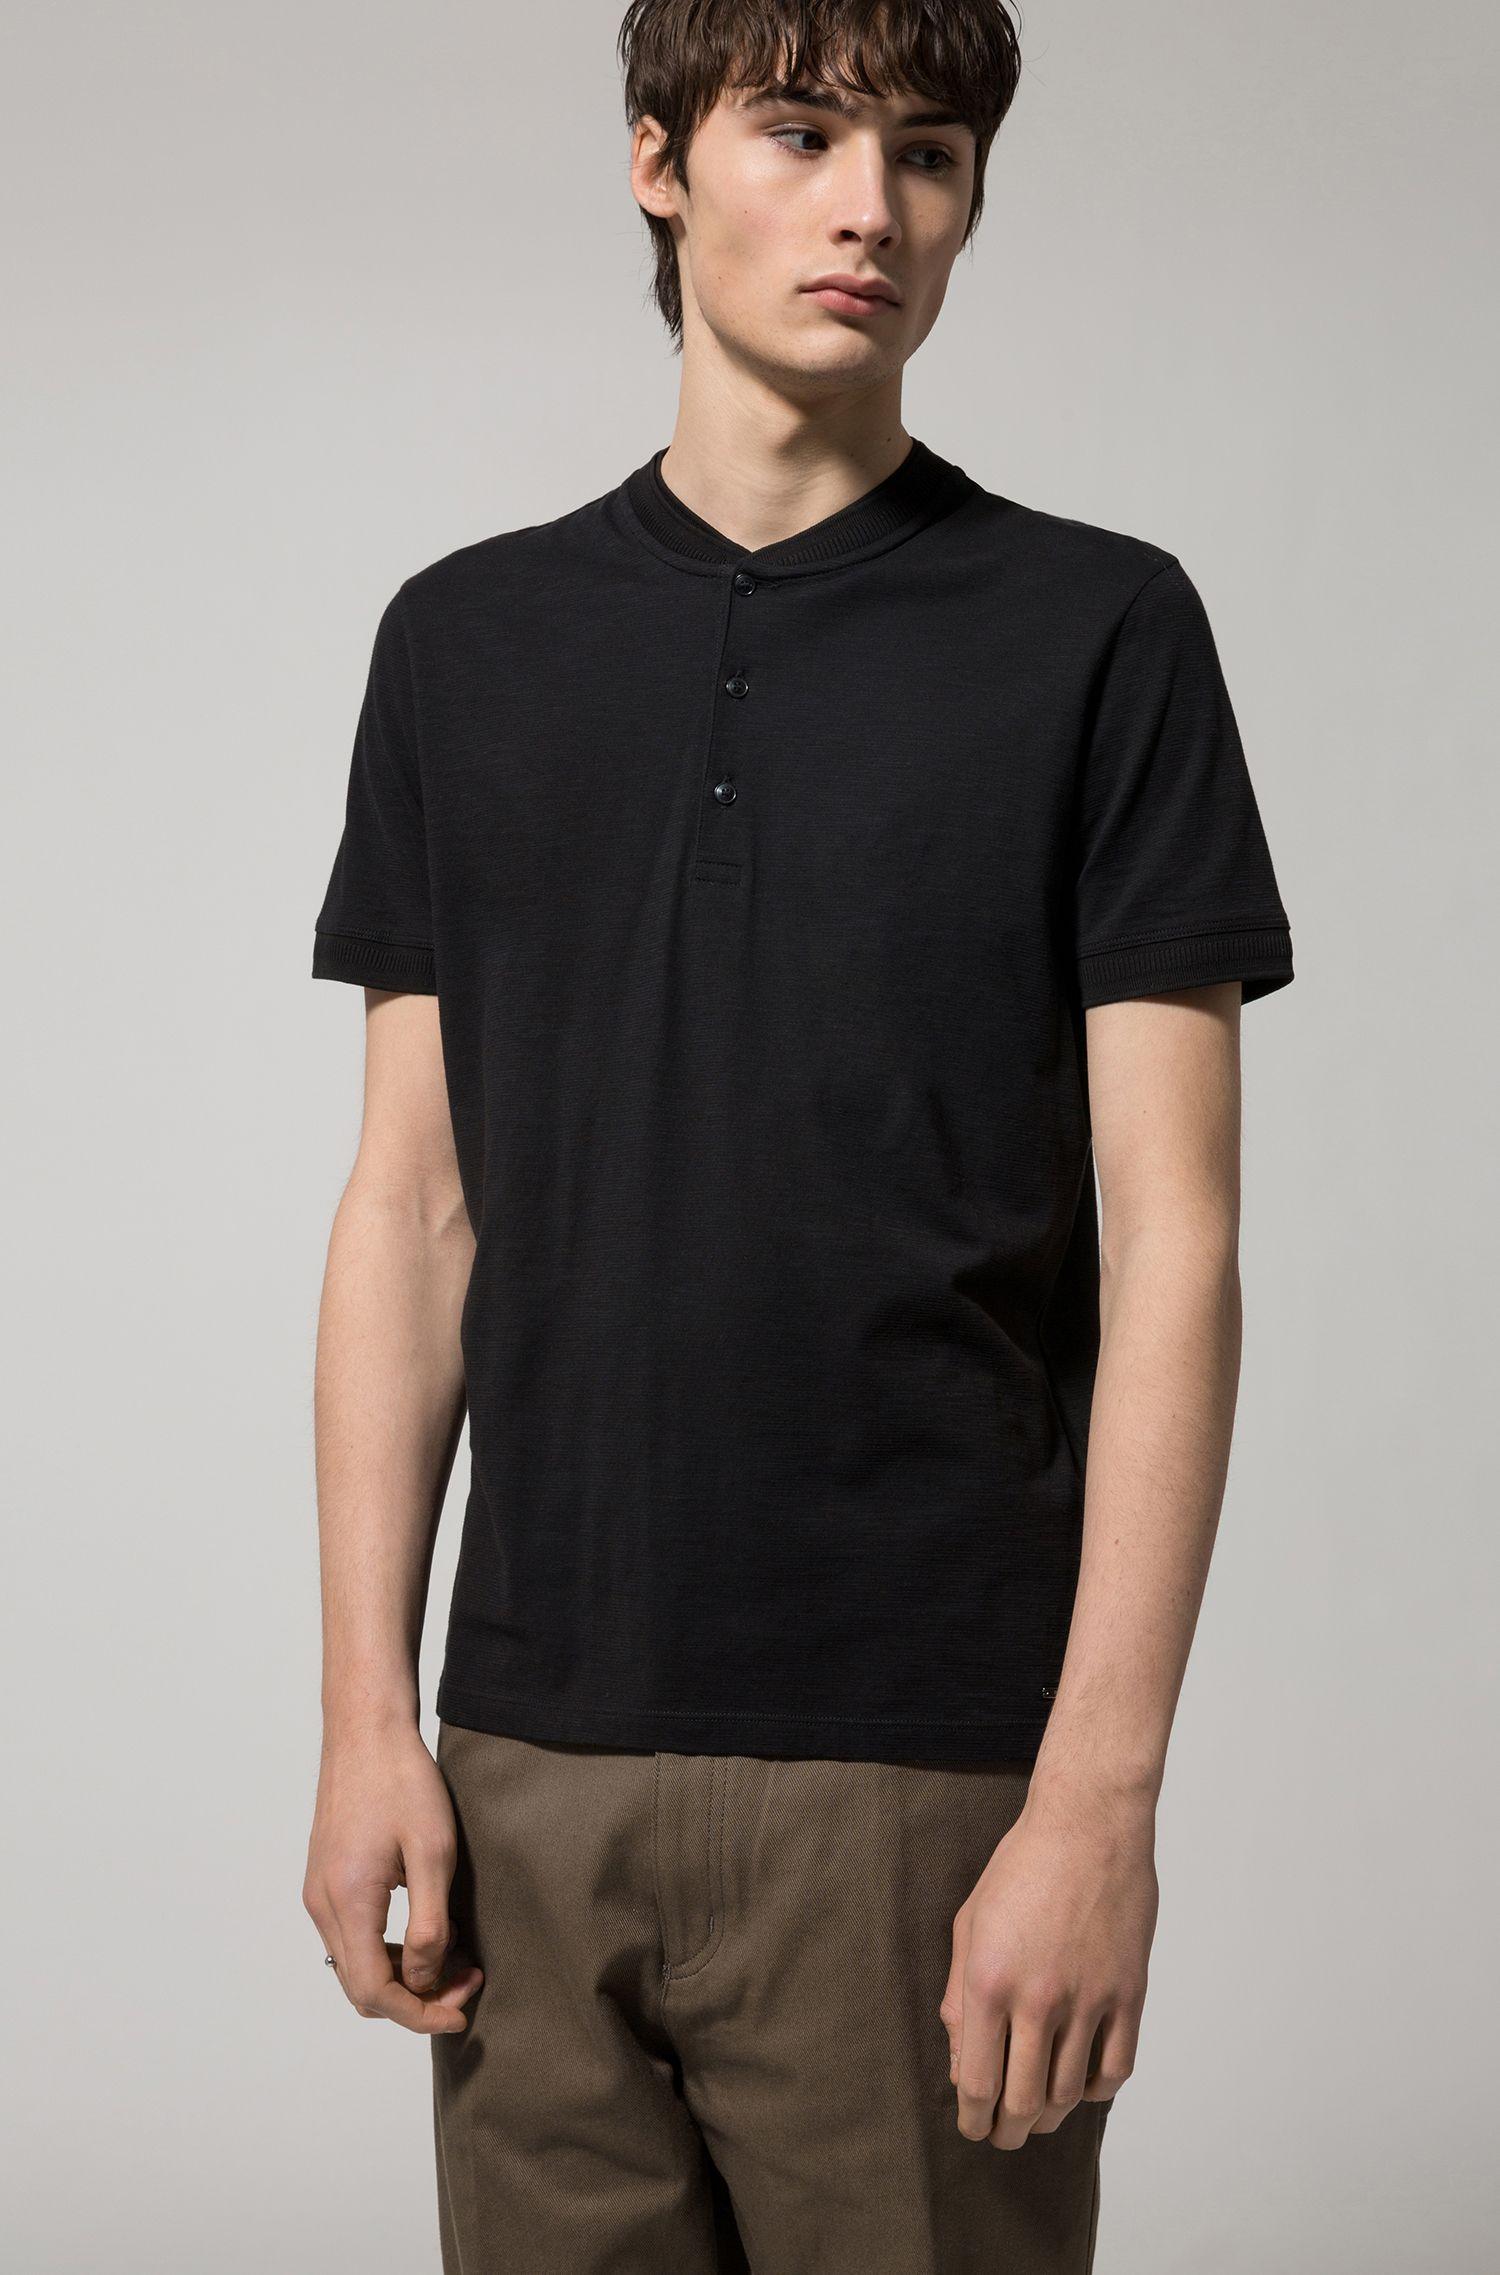 Cotton Henley Shirt | Denots, Black